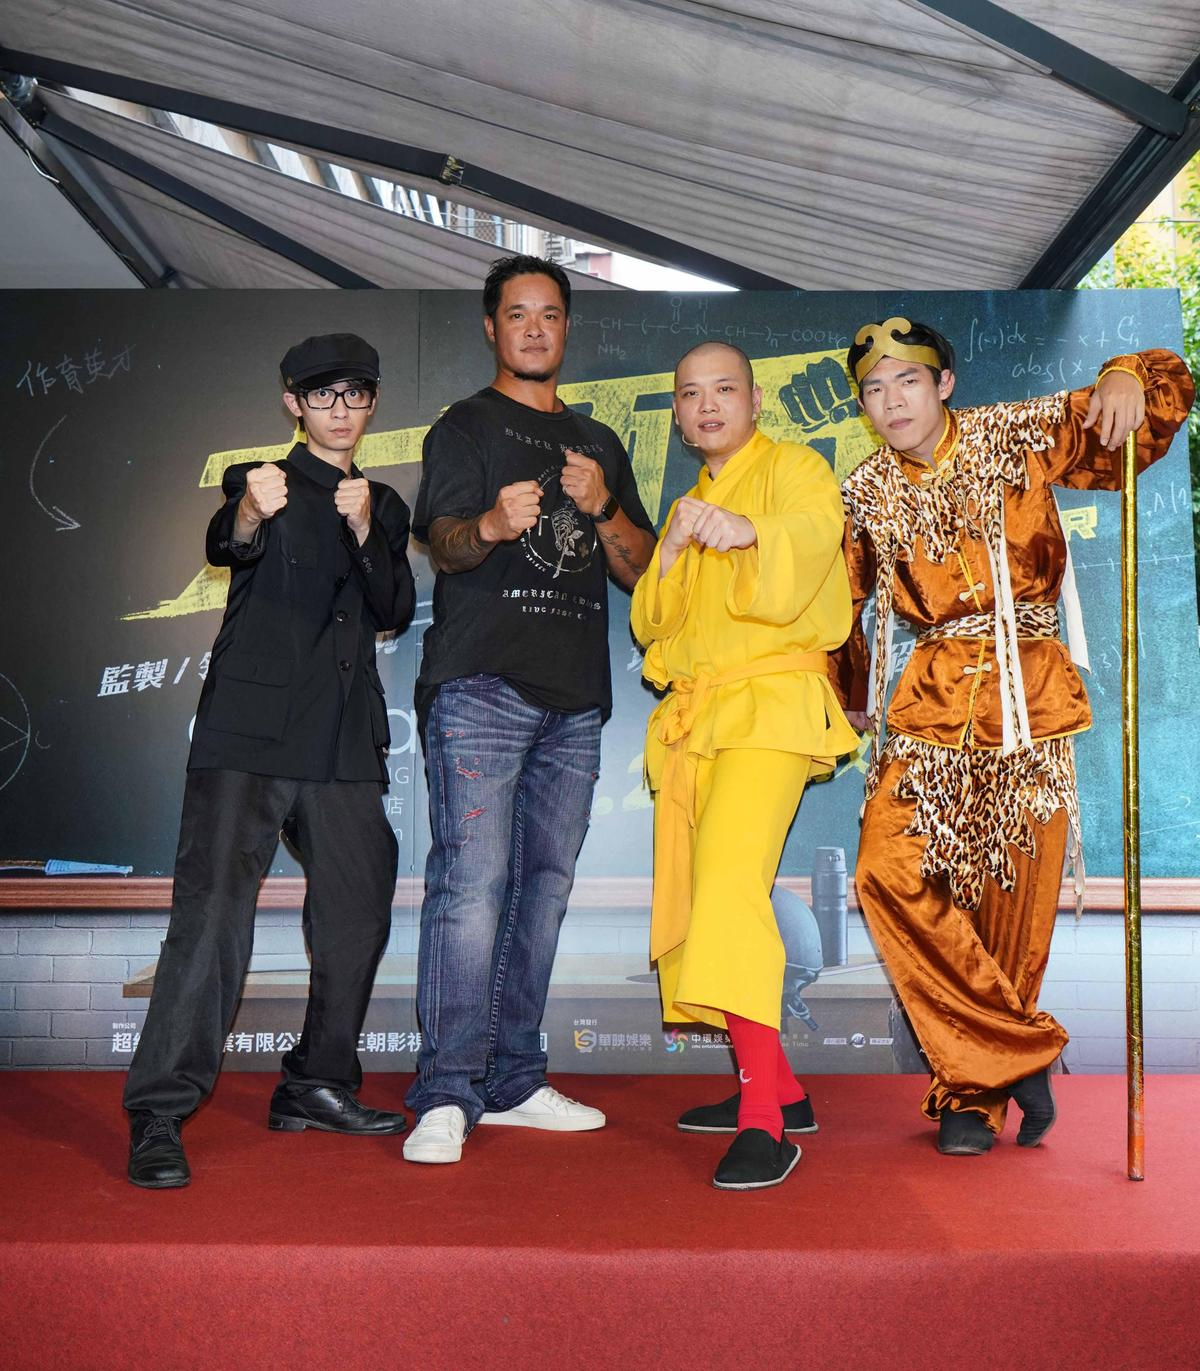 熱血動作強片《大師兄》24日下午舉行宣傳活動,找來球星林智勝、藝人山豬、奇奇、阿虎、智祥等人站台。(華映提供)